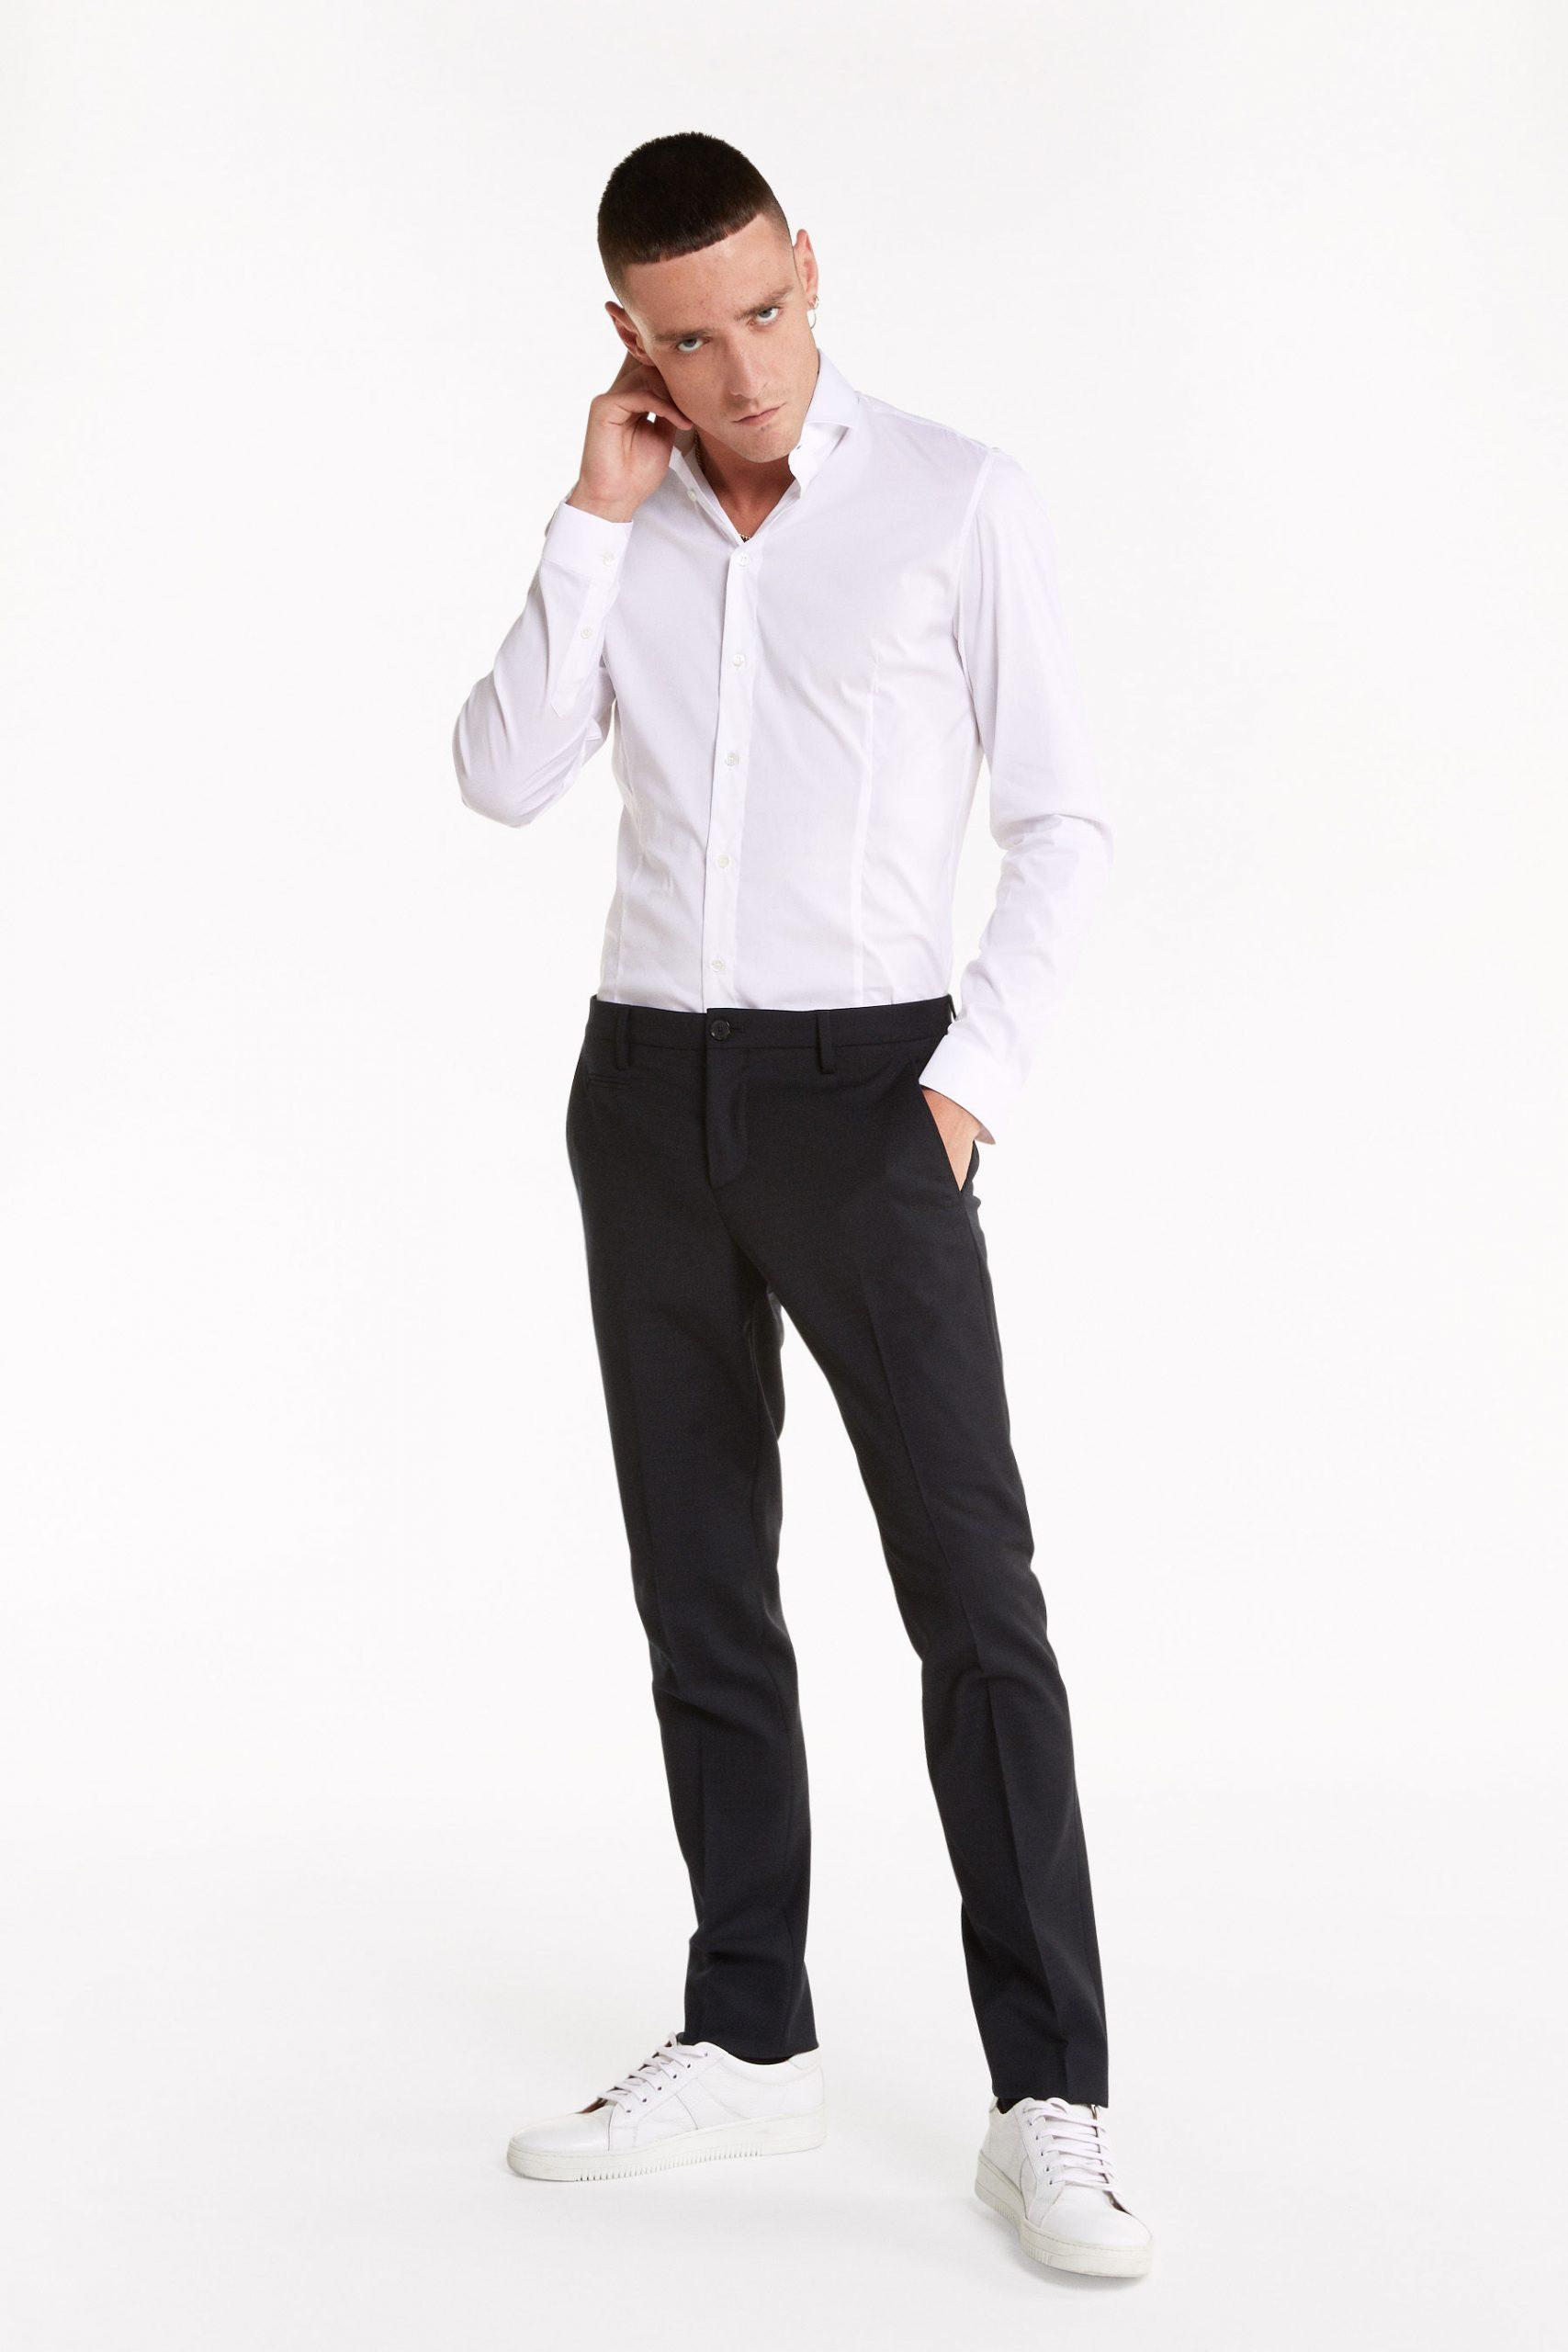 Abbigliamento Patrizia Pepe  Camicia in popeline di cotone stretch Optical white male collezione 2020 shop the look